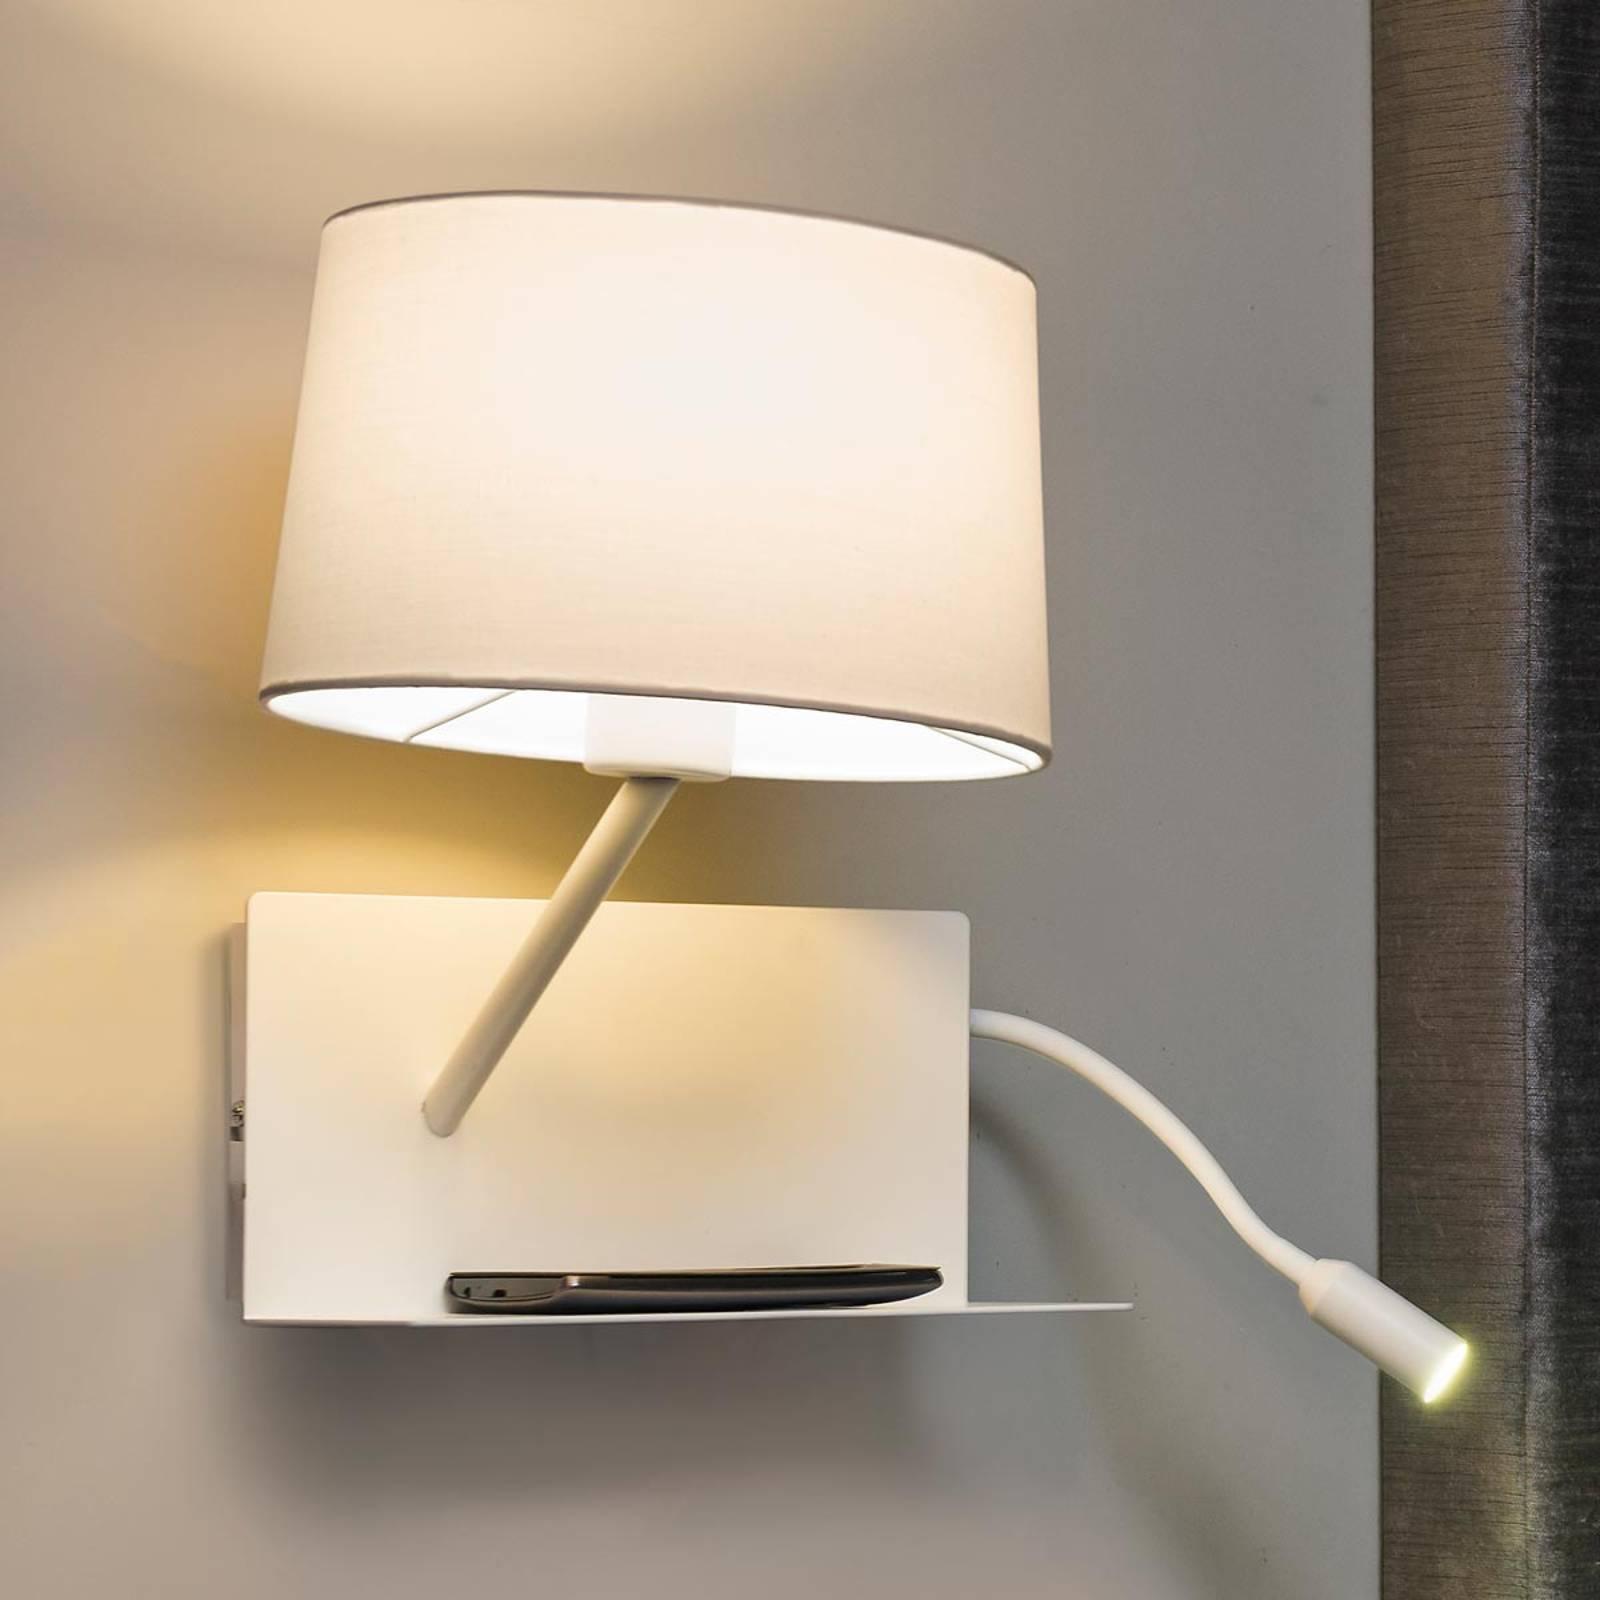 Käytännöllinen Handy-seinälamppu ja LED-lukuvalo